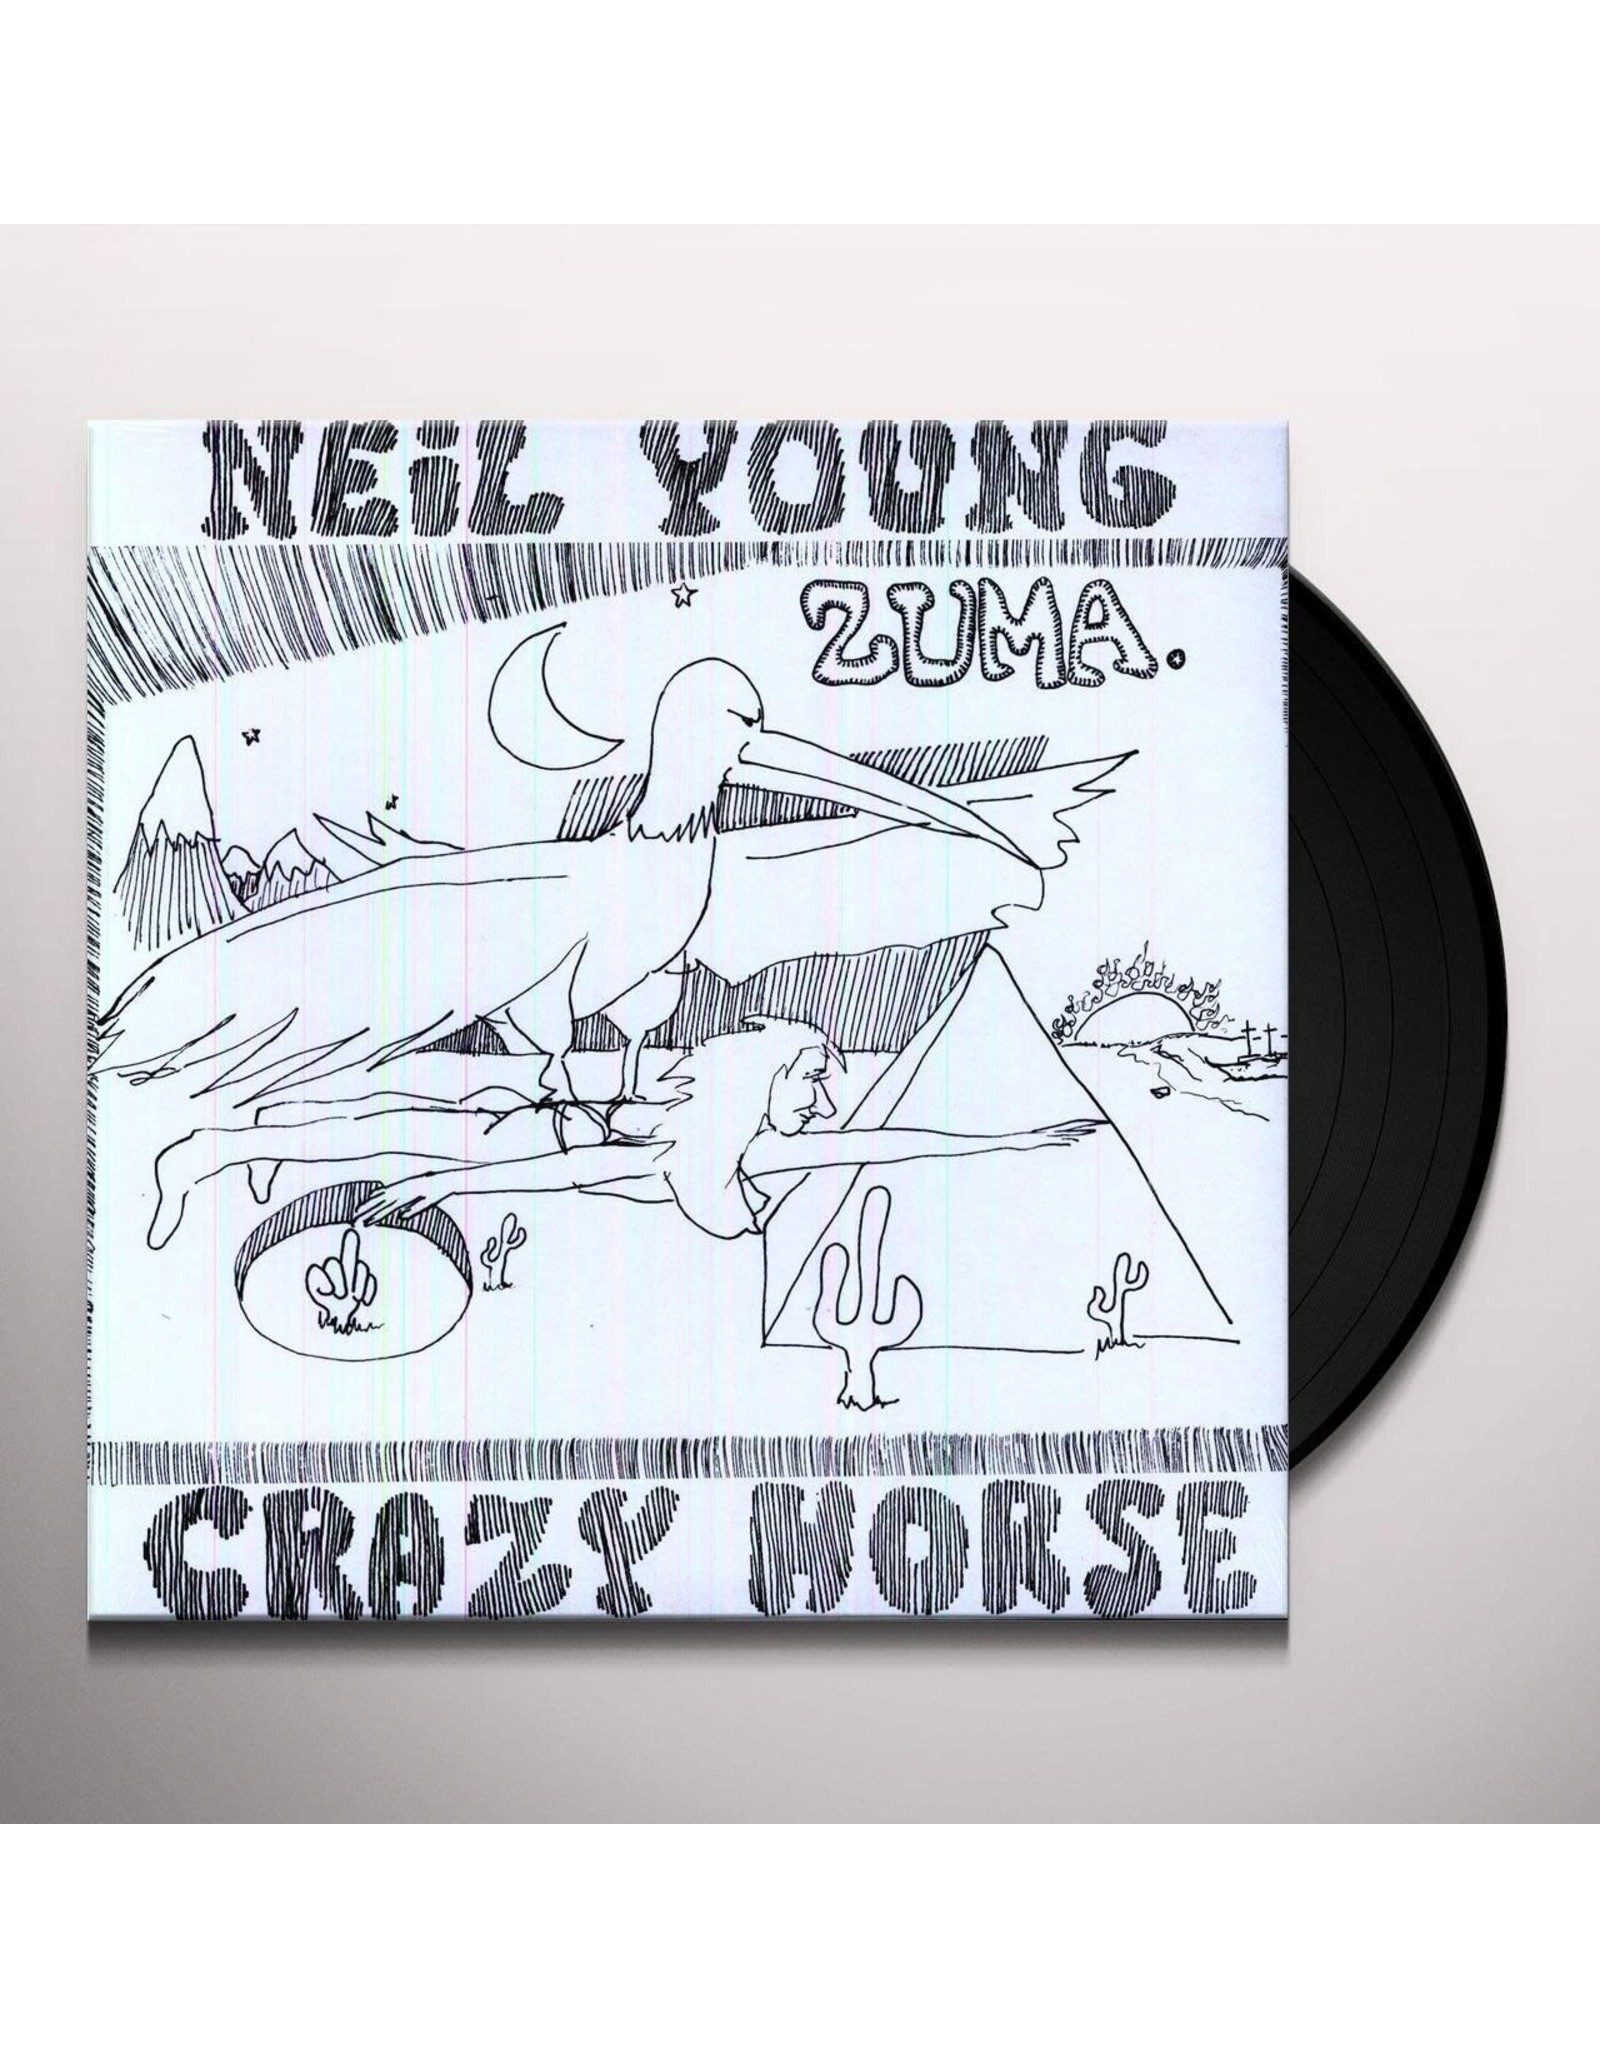 Young, Neil - Zuma LP